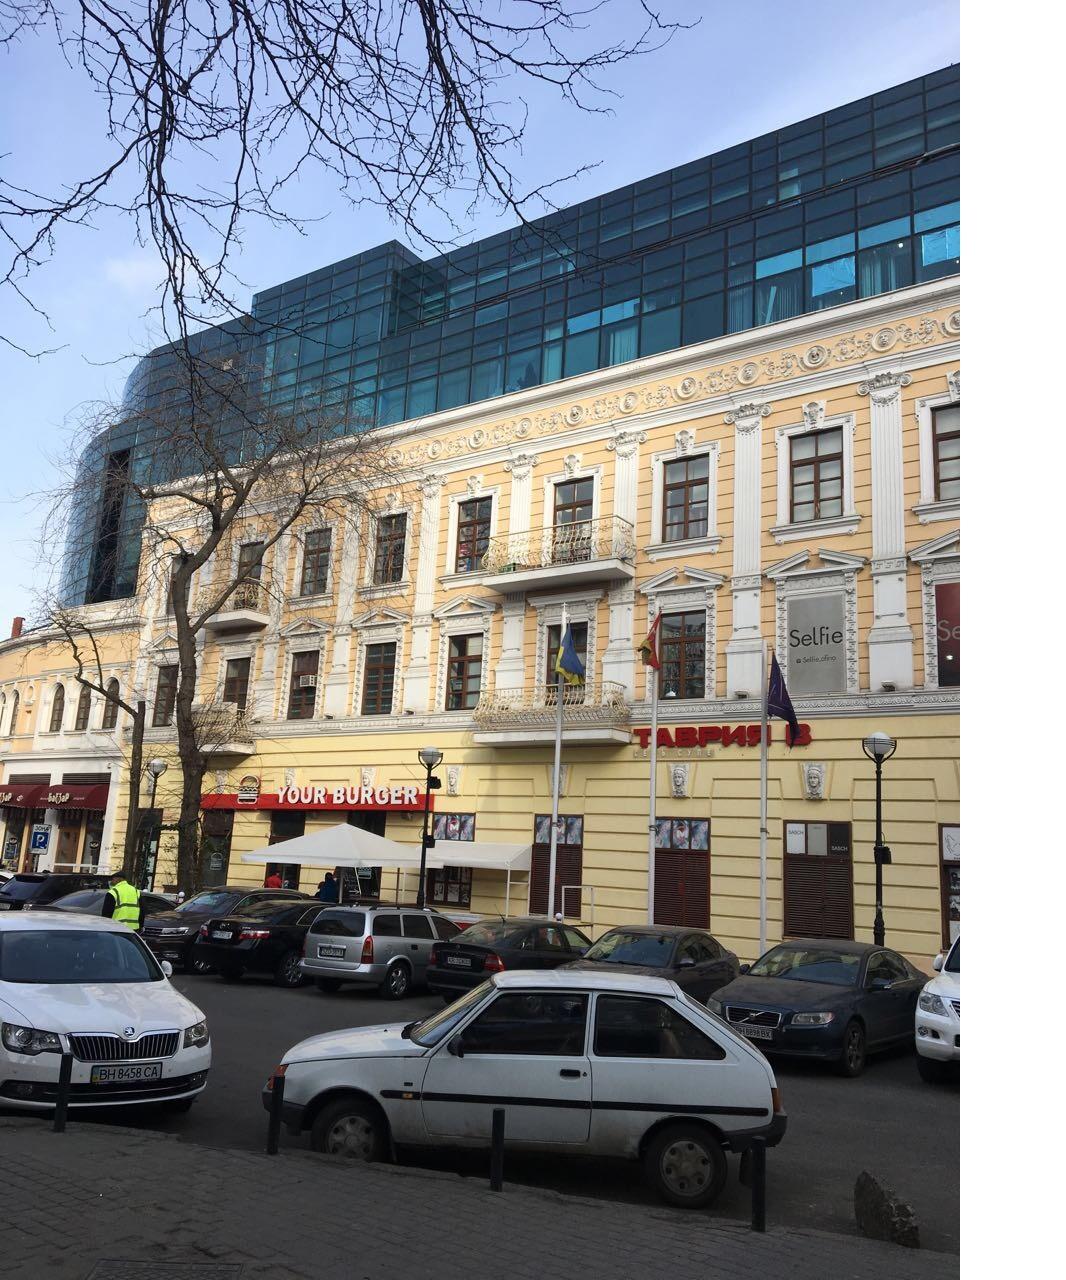 Офісні приміщення в м. Одеса, площа Грецька, буд. 3/4, загальною площею 68,6 кв. м